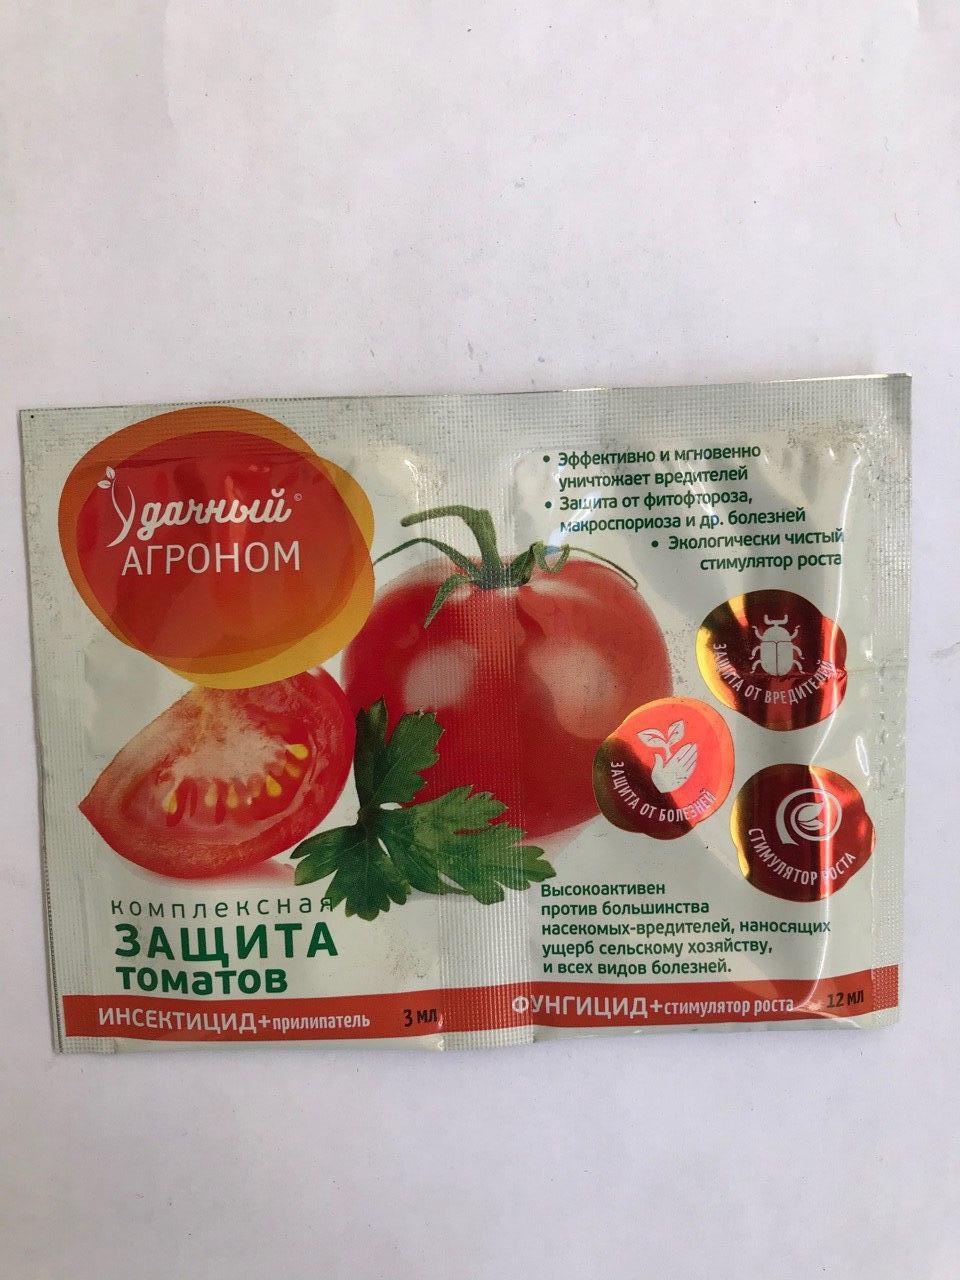 """""""Удачный Агроном"""" (томаты) - комплексная защита для томатов от вредоносных насекомых и заболеваний"""